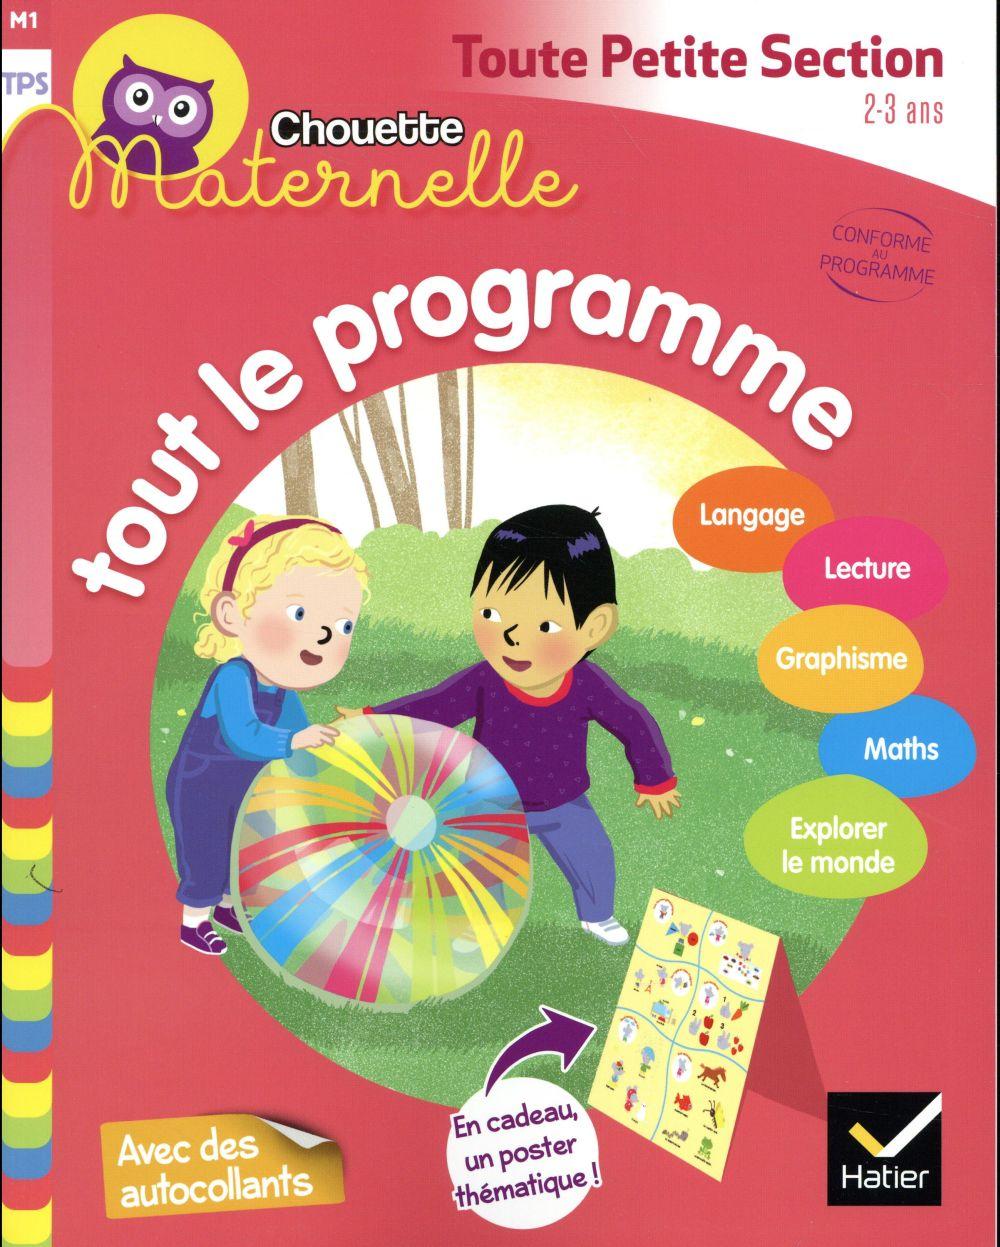 CHOUETTE MATERNELLE  -  TOUT LE PROGRAMME  -  TOUTE PETITE SECTION